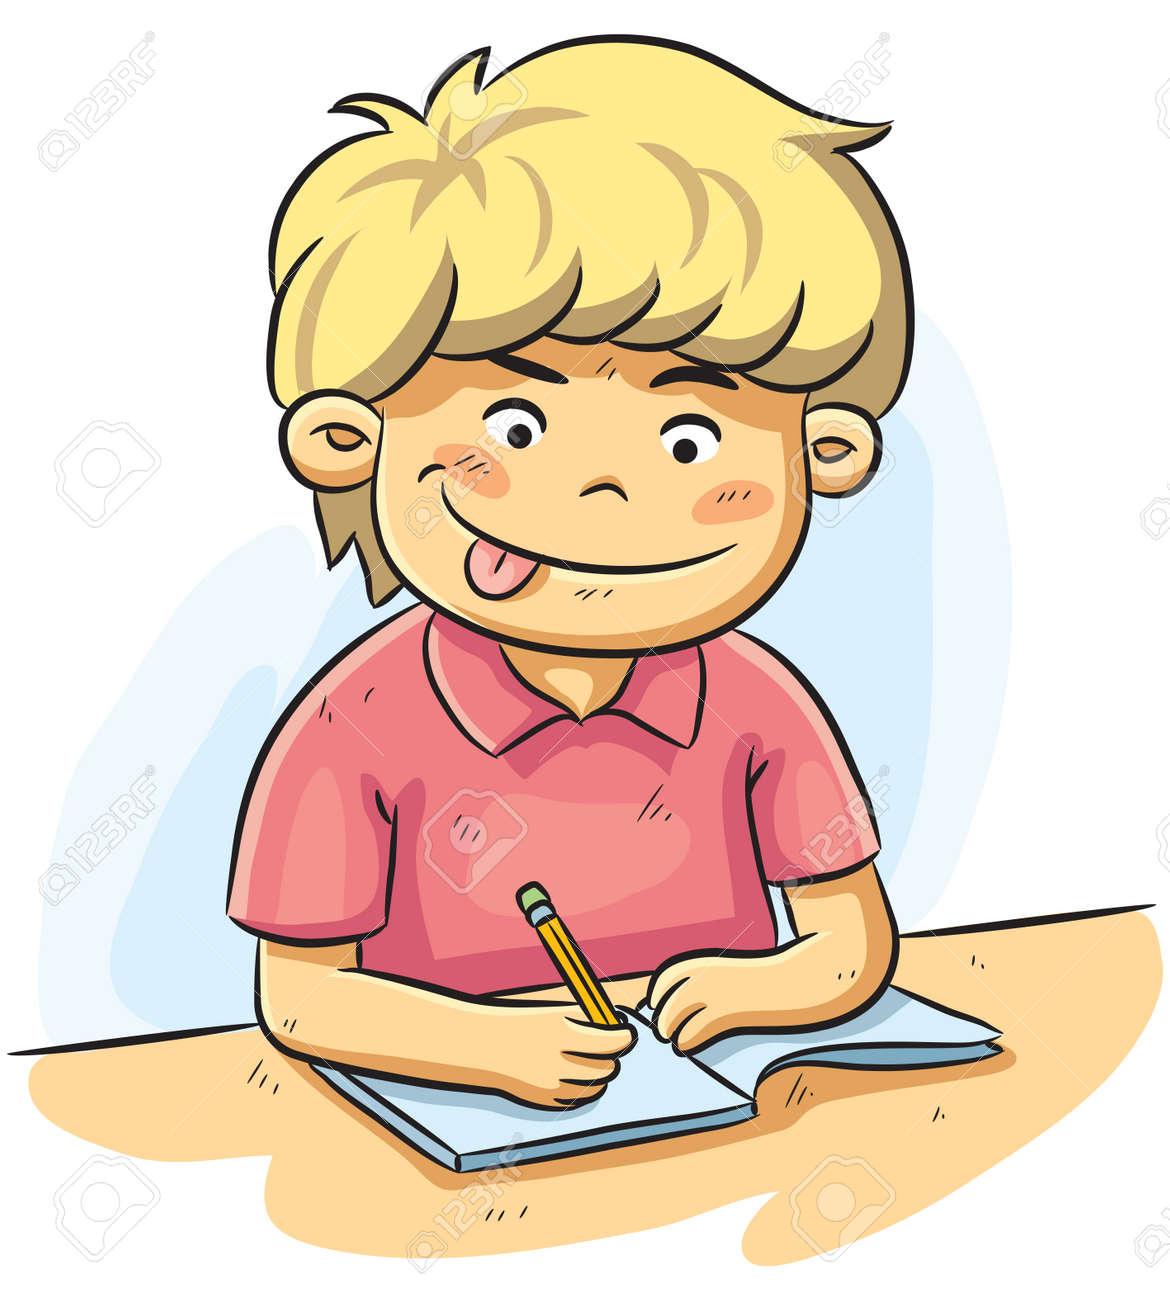 Resultado de imagen de kid writing cartoon